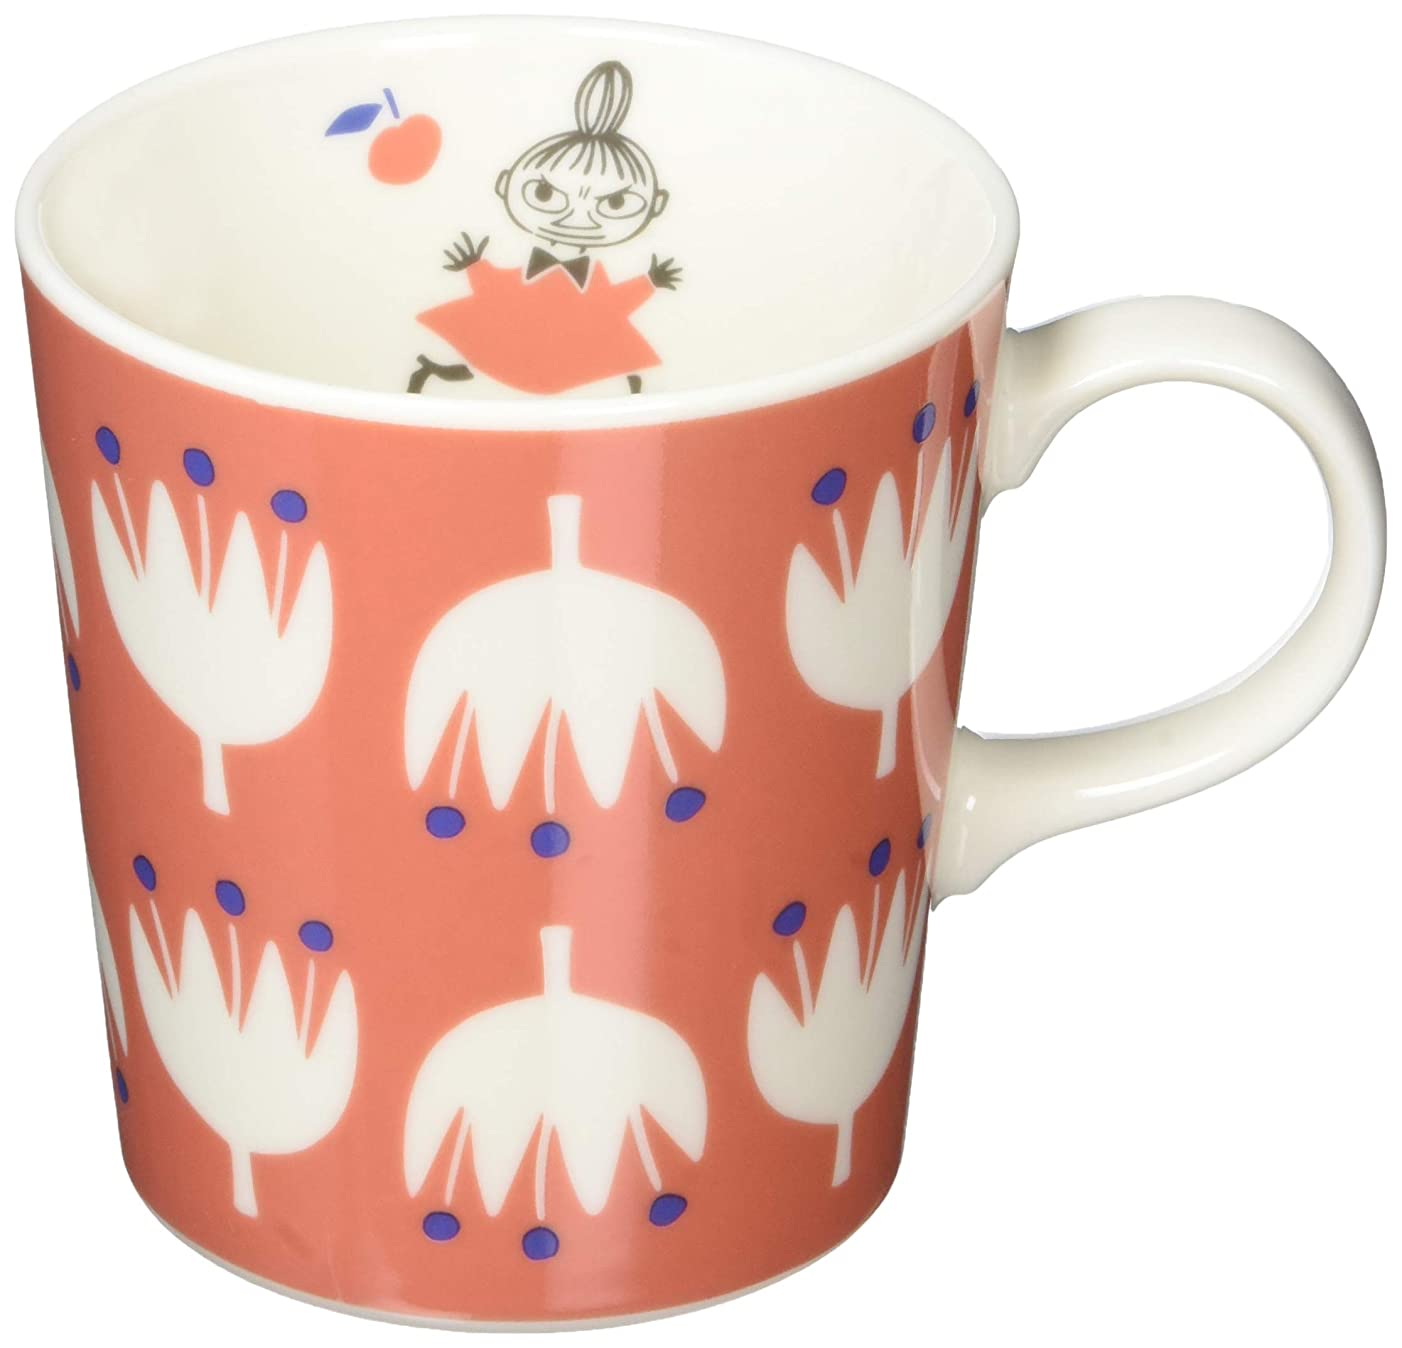 ペットスピーカー債権者MOOMIN (ムーミン) 「 クッカ 」 マグカップ レッド (化粧箱入) MM1002-11